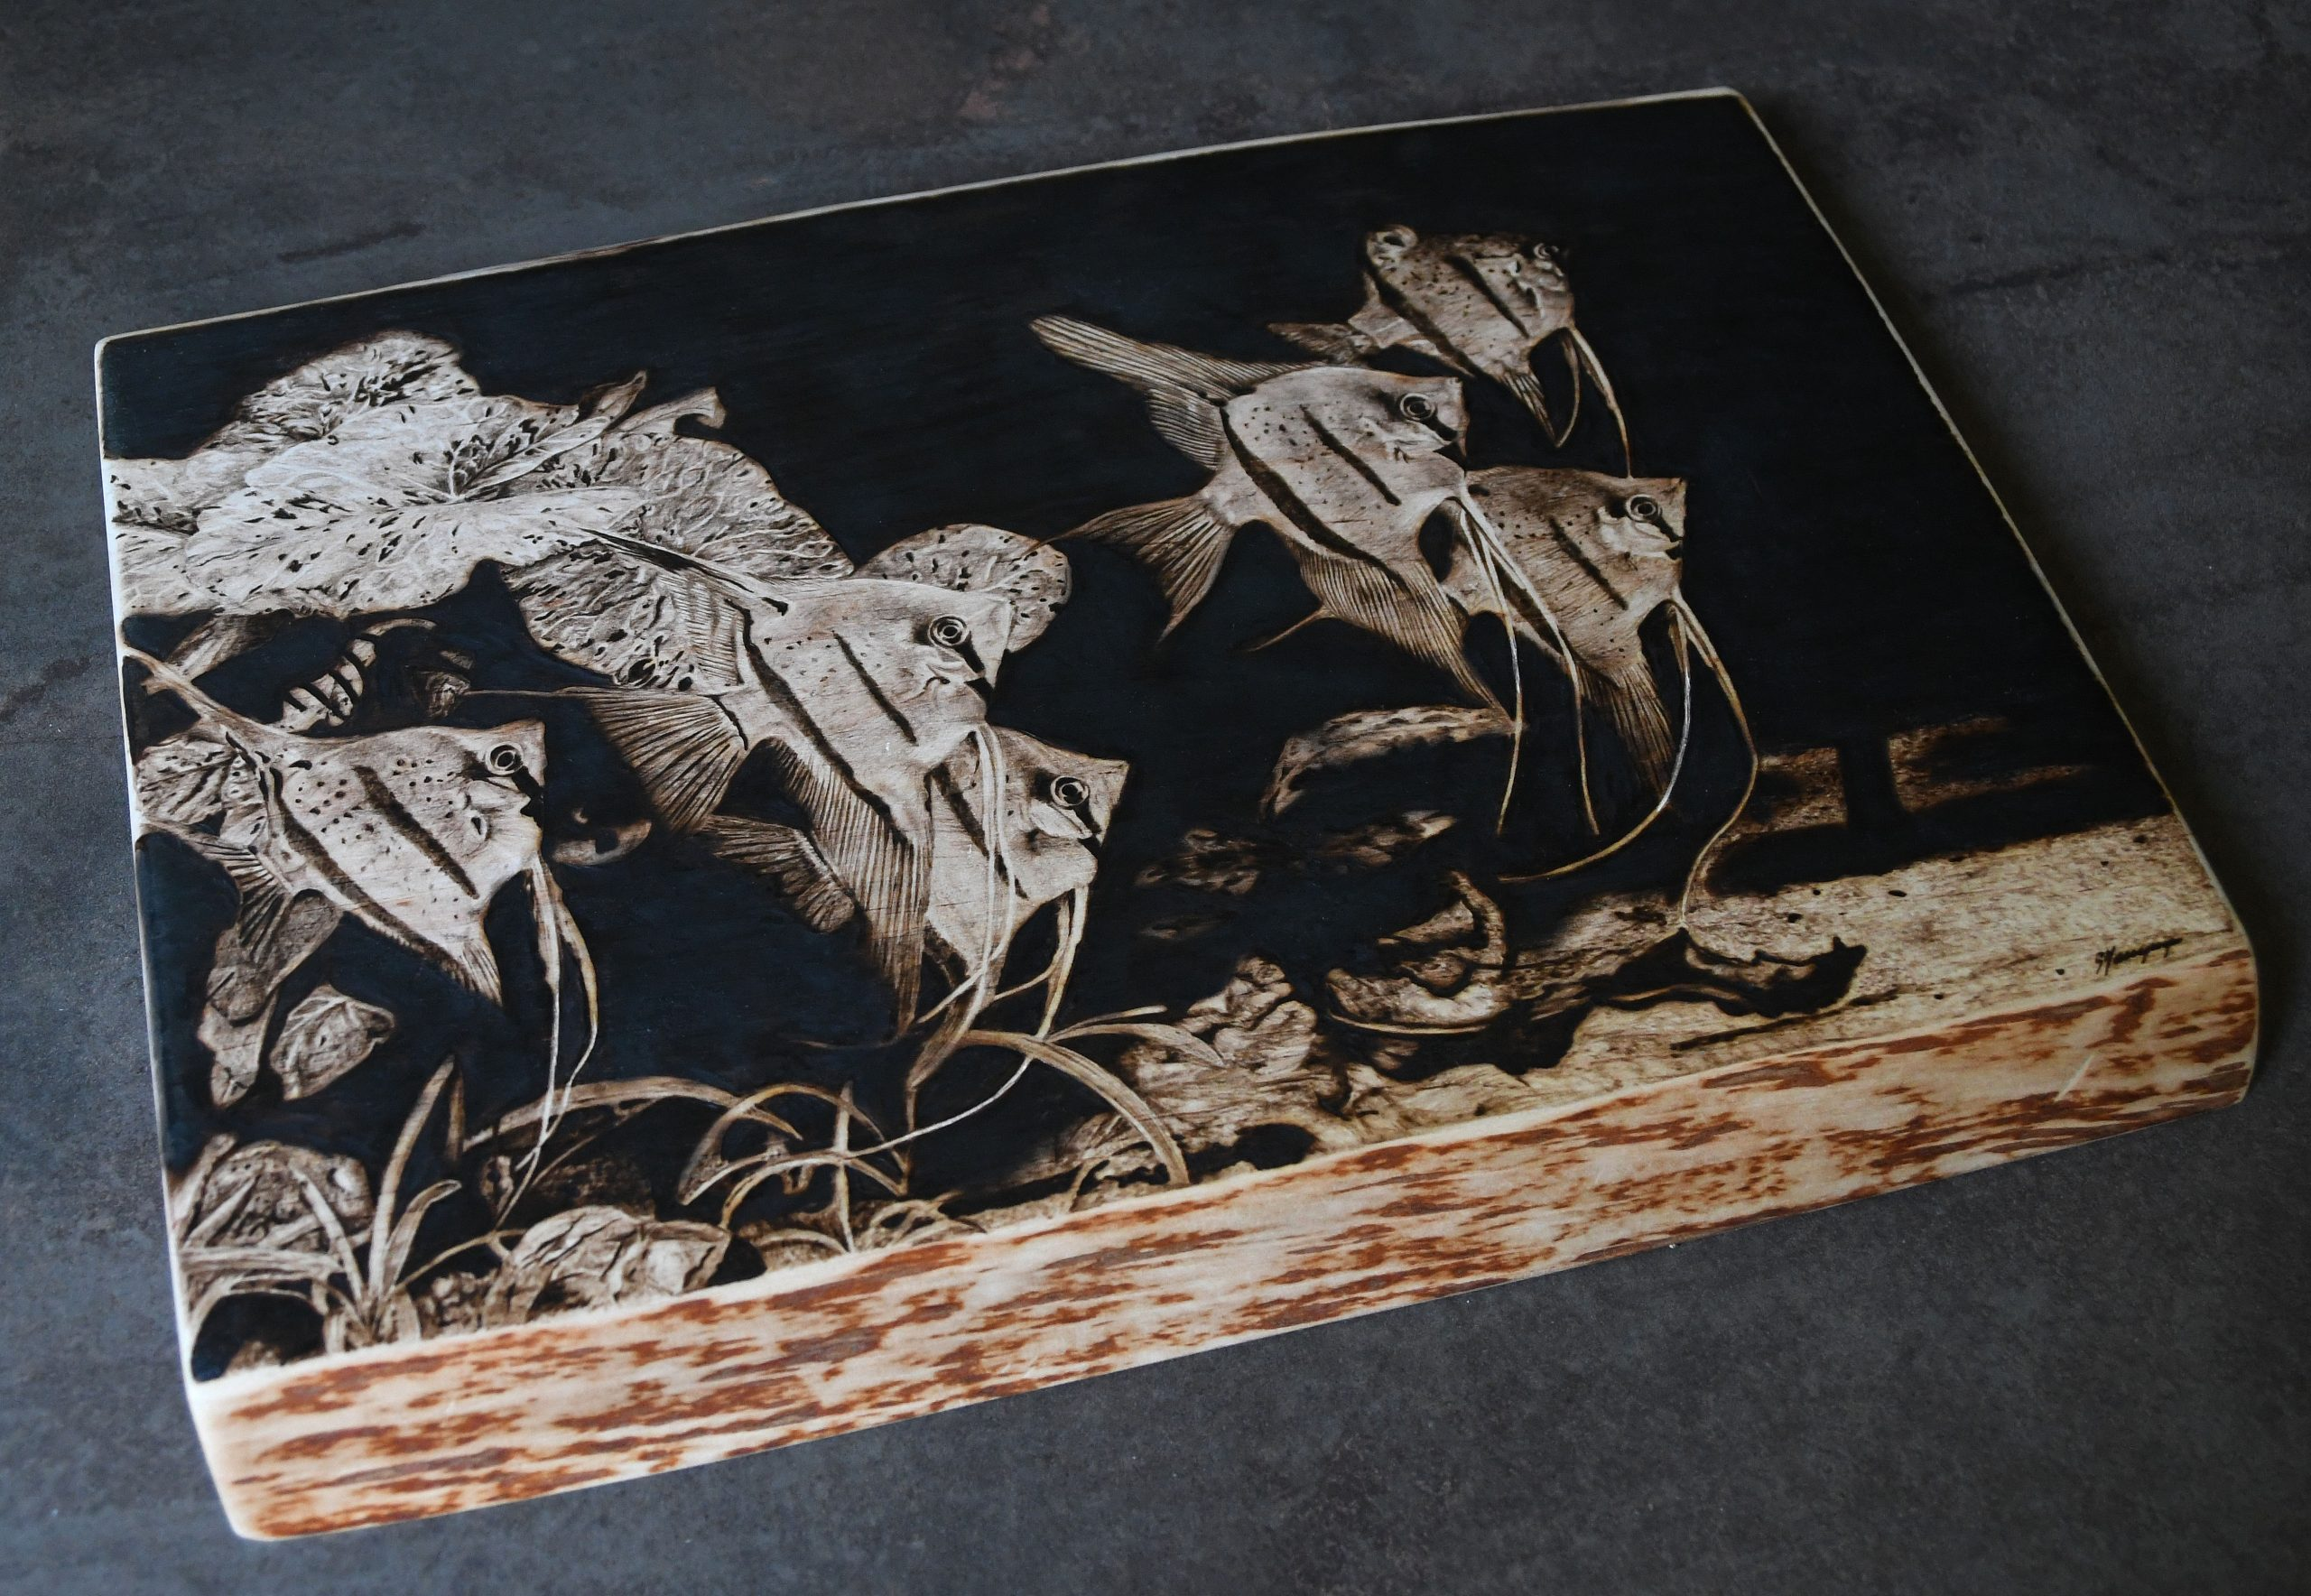 wypalanie w drewnie, sylwia, pirografia, janczyszyn, pyrography, handmade, rękodzieło, pomysł na prezent, zwierzęta, akwarystyka